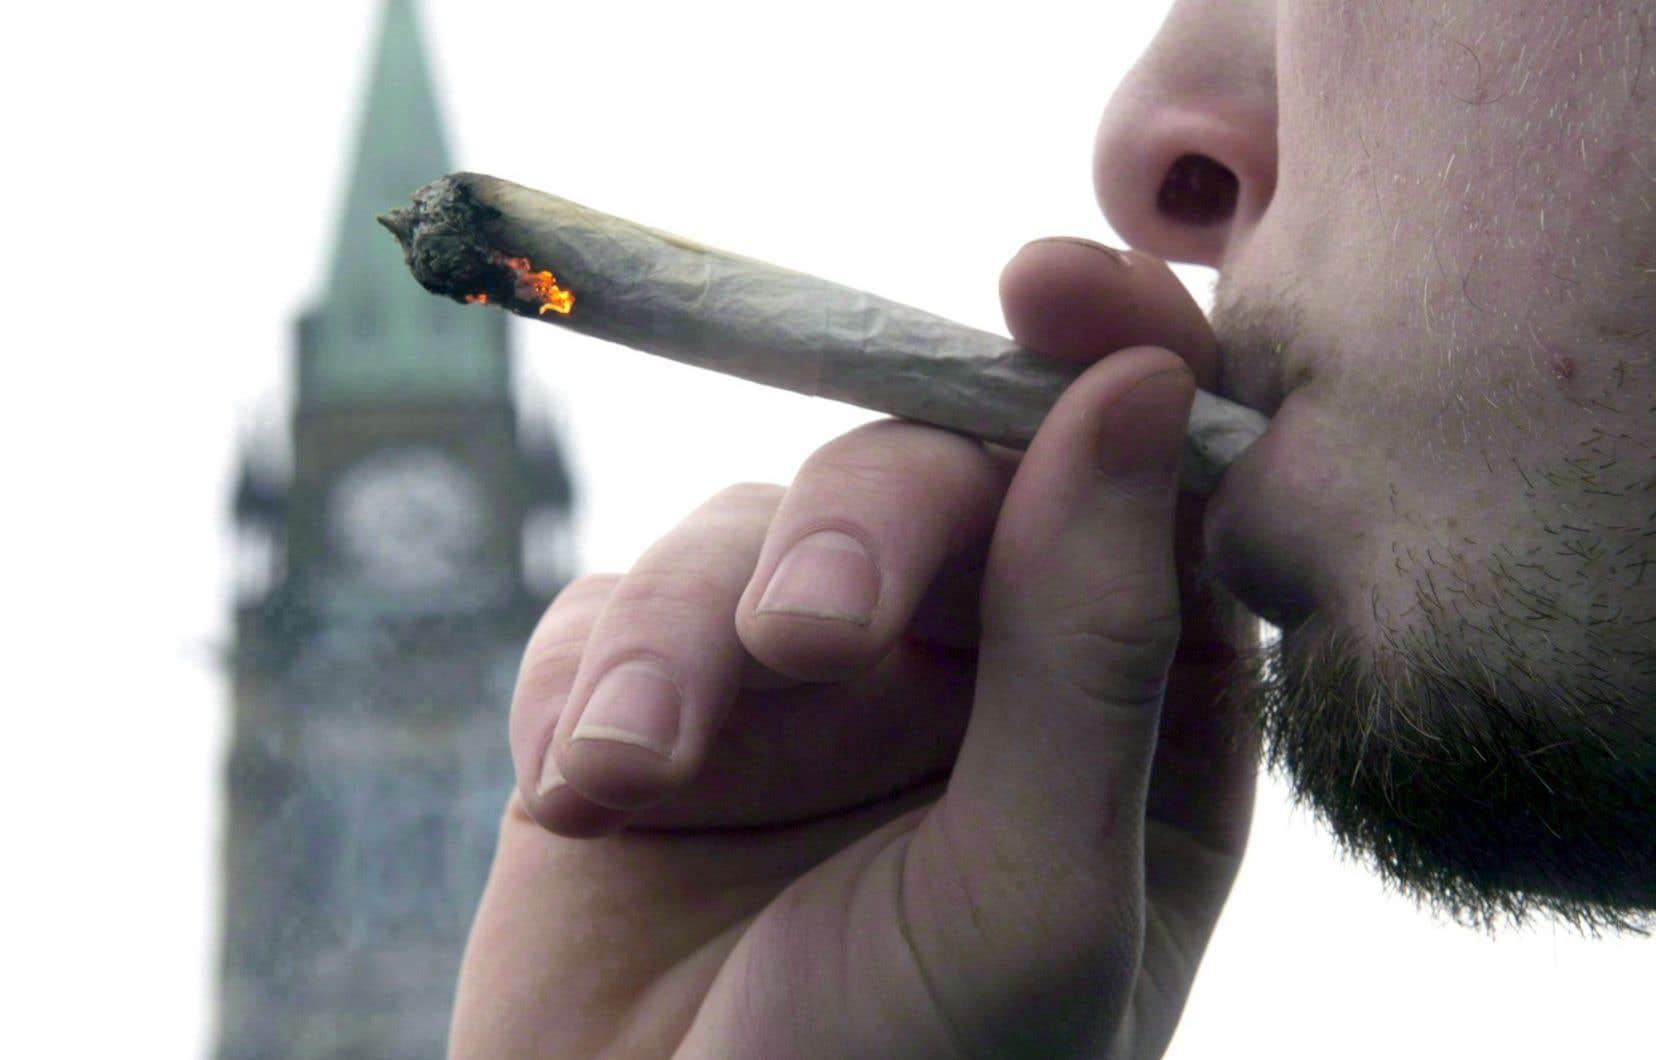 «On est dans une société où on accuse les gens de possession et consommation de marijuana alors que plus que la moitié de la population en a déjà consommé. Ce sont des lois qui sont désuètes et ridicules», estime le juge Pierre Chevalier.